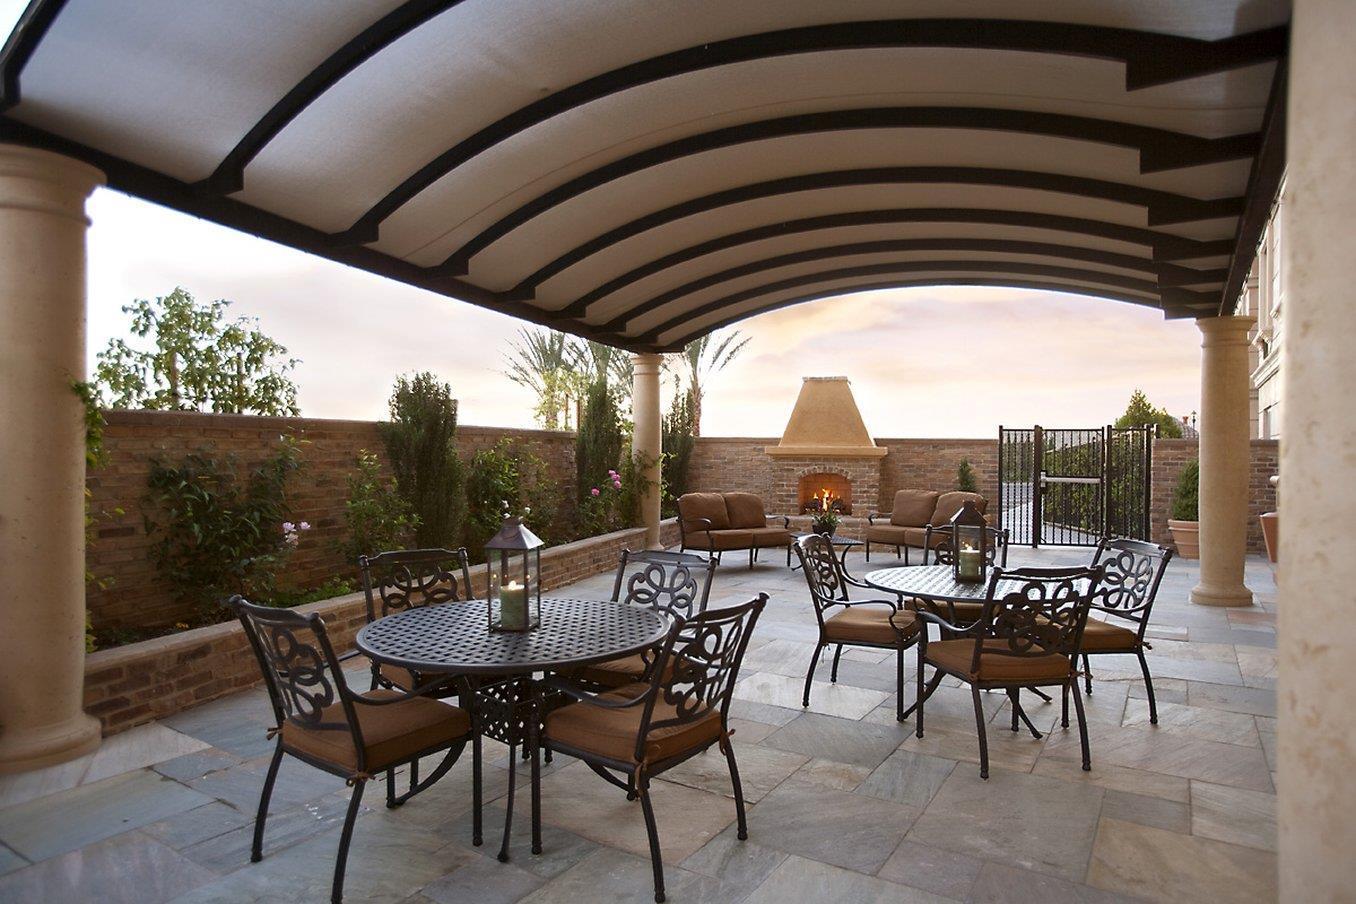 Ayres Hotel Moreno Valley